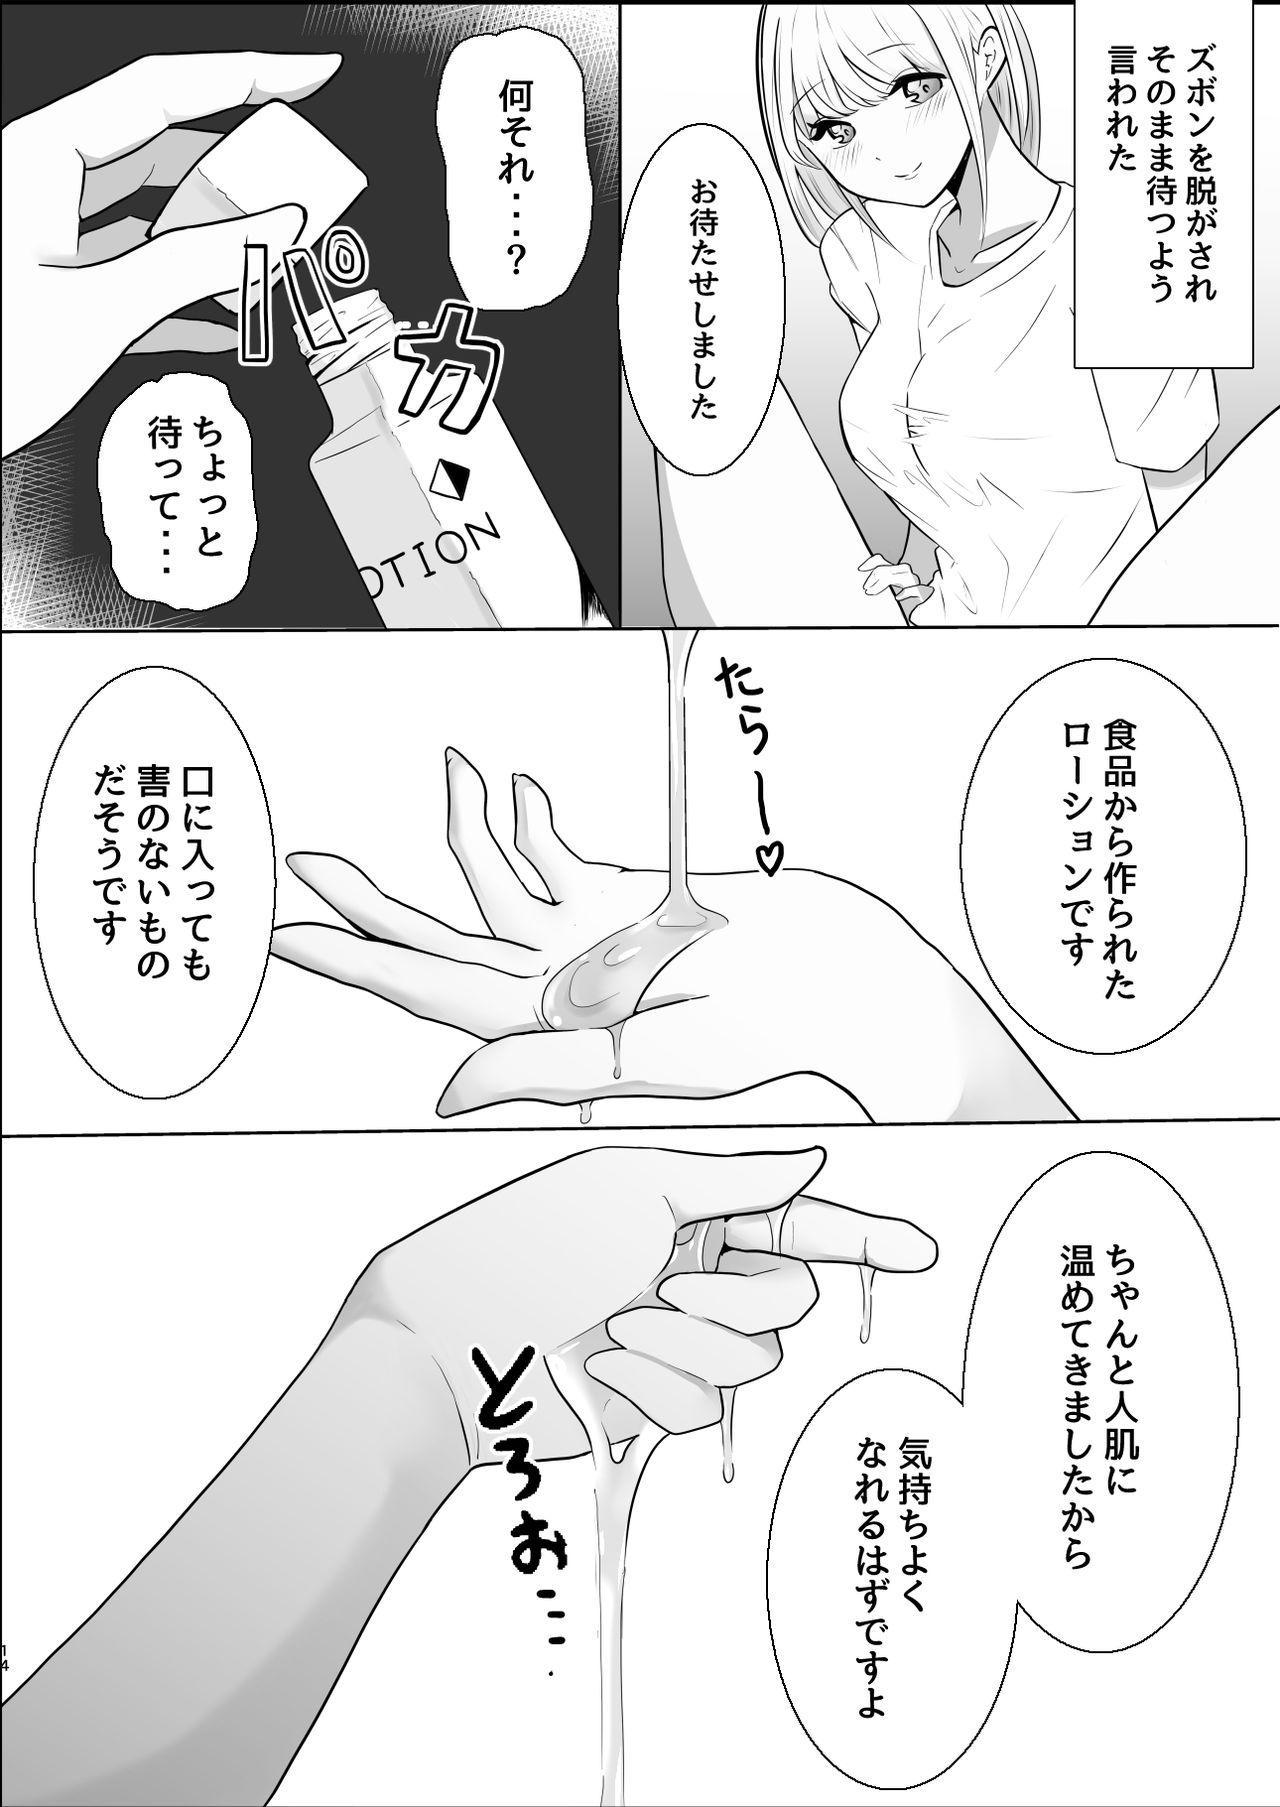 大人しい後輩に攻められイキ狂う話 14